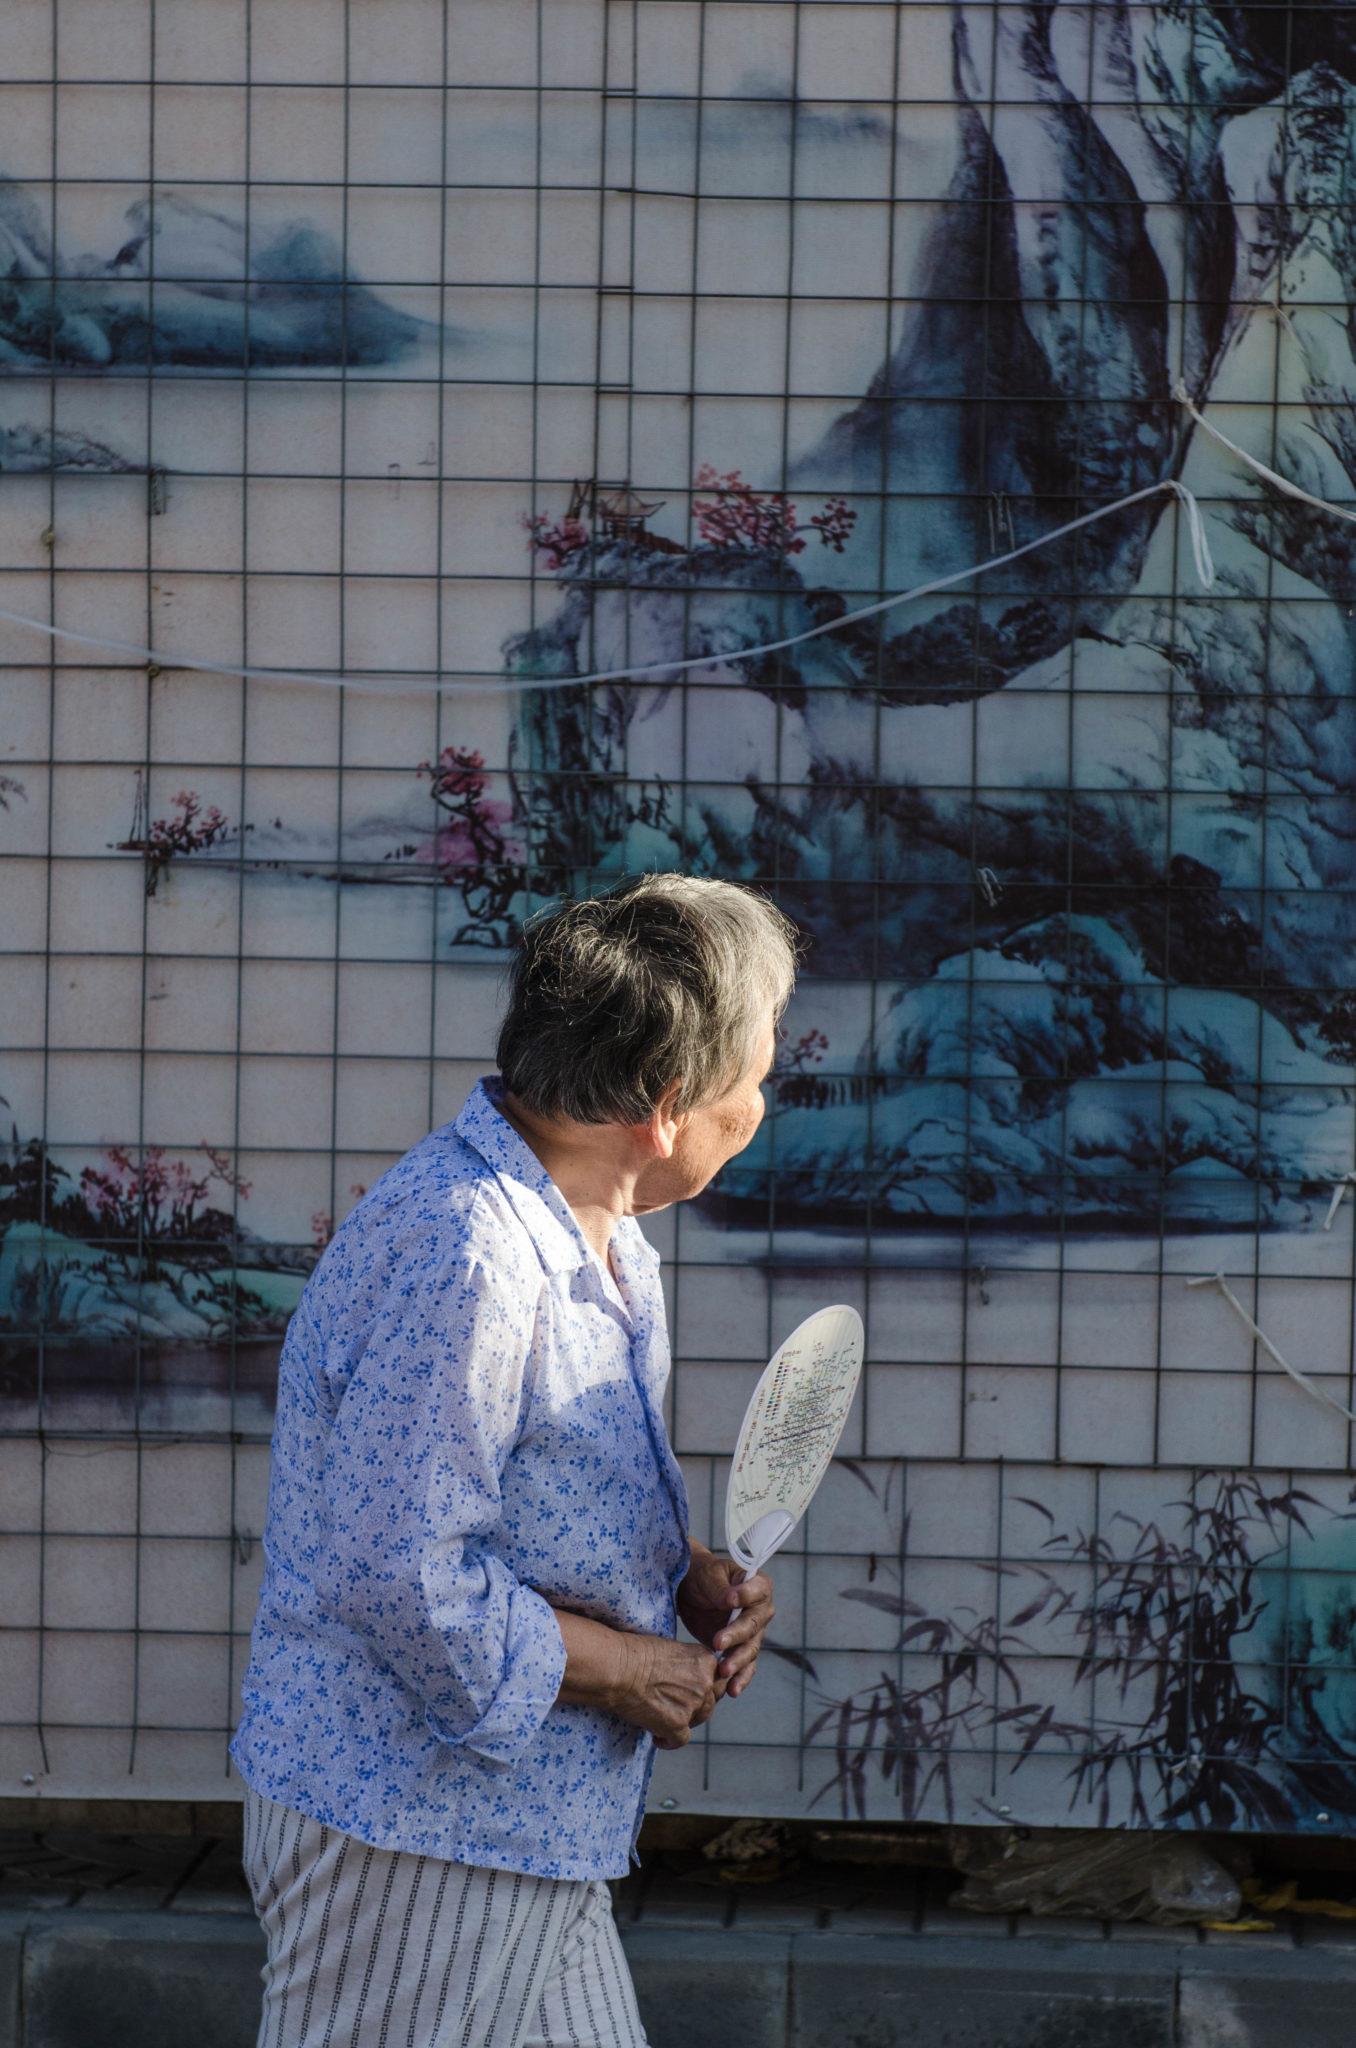 Shoppen in der Sonne? Das machen auch die Einheimischen gern auf dem Panjiayuan Flomarkt in Peking.